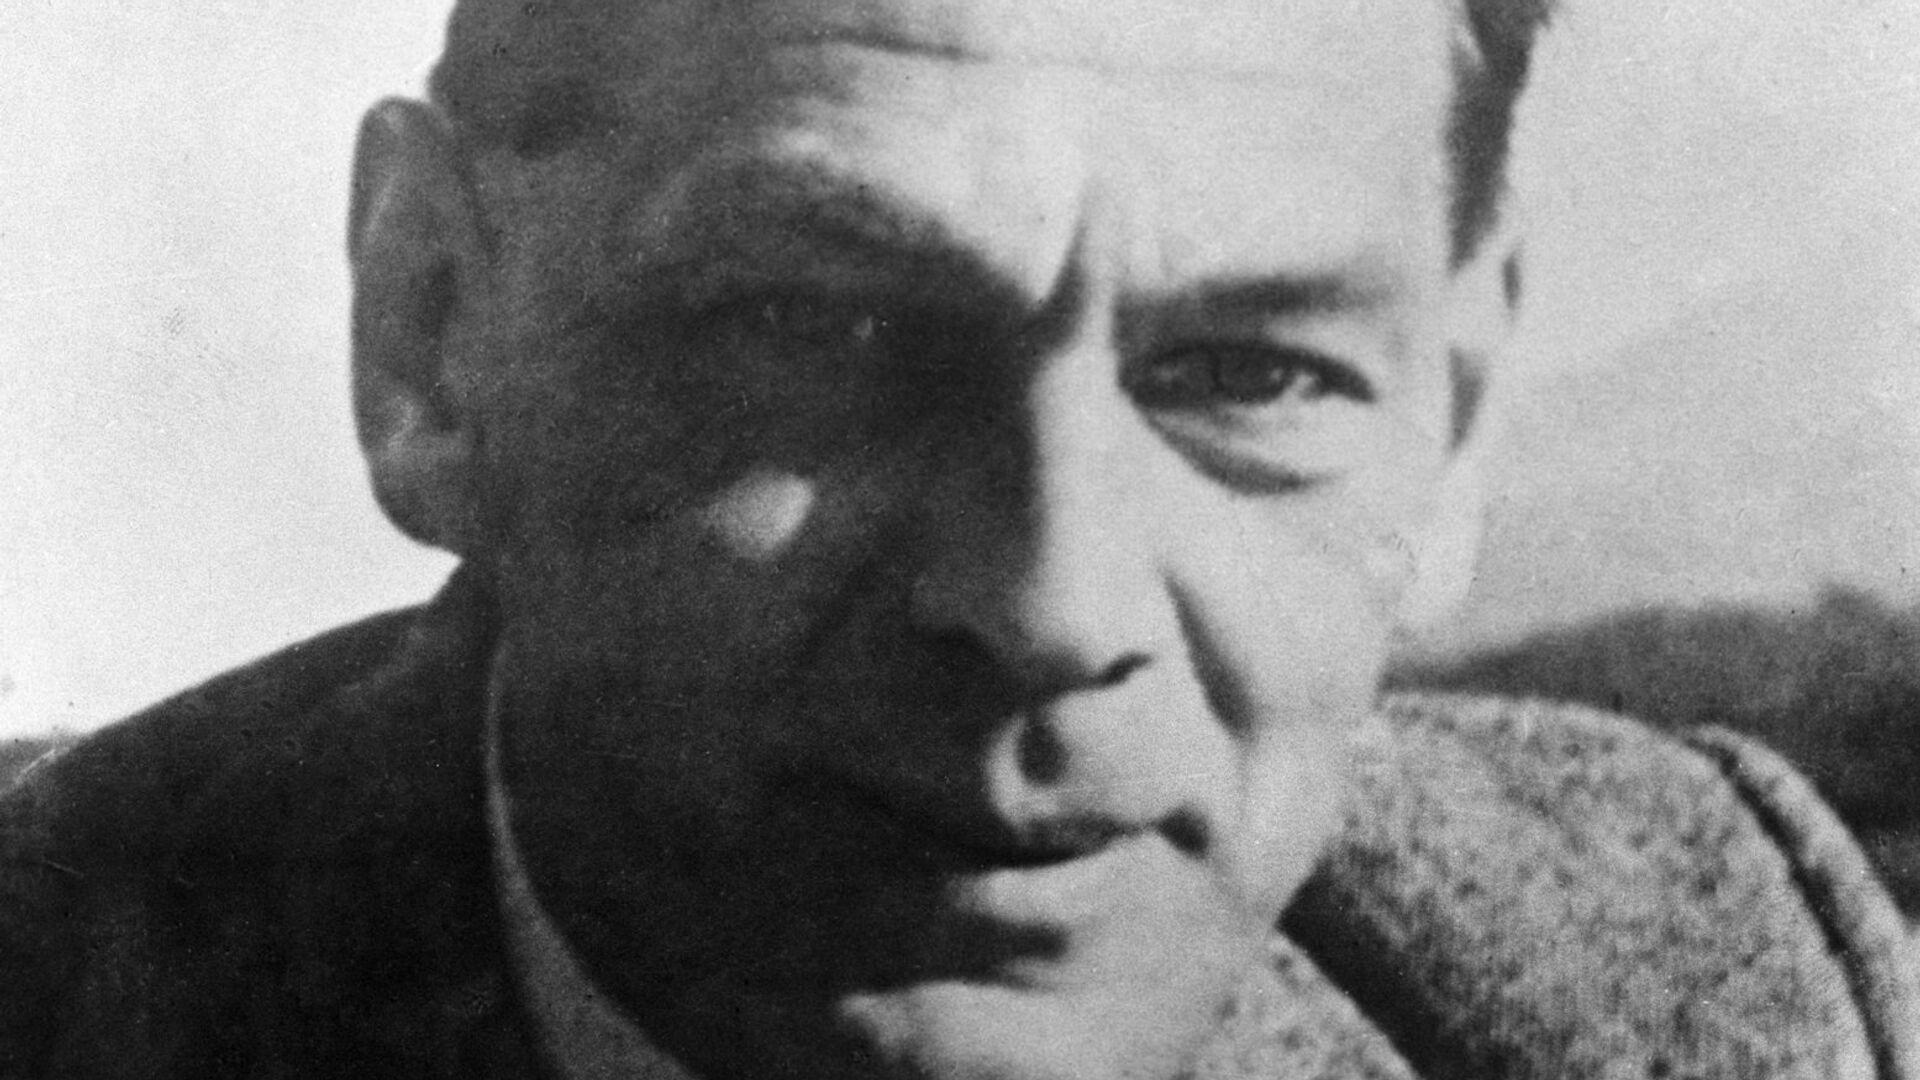 Советский разведчик Рихард Зорге - РИА Новости, 1920, 18.10.2019